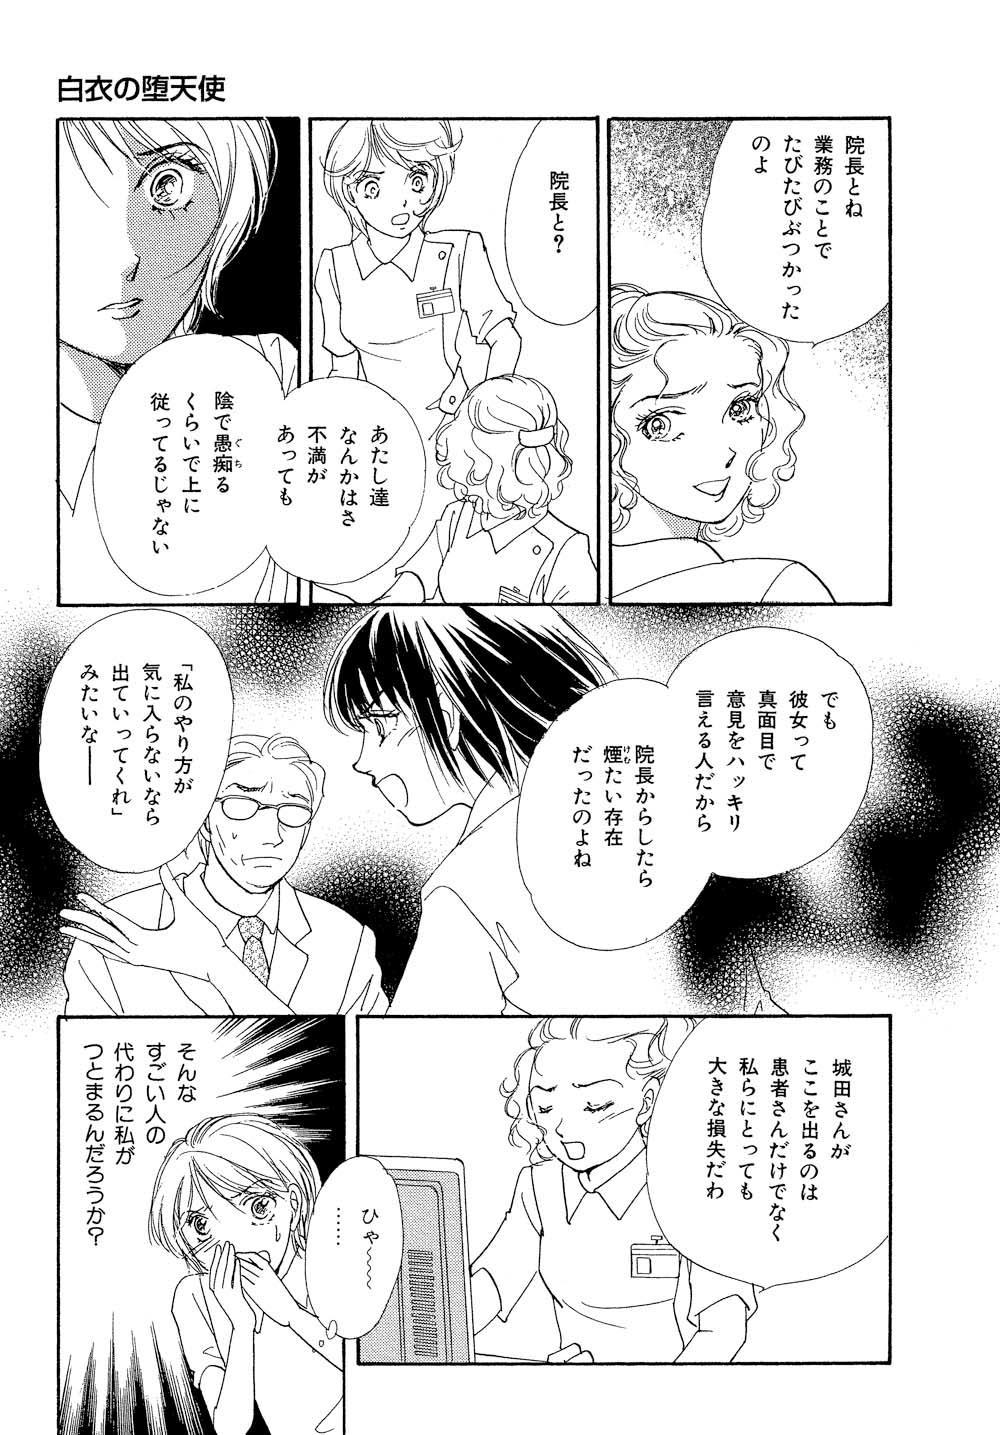 hakui_0001_0145.jpg